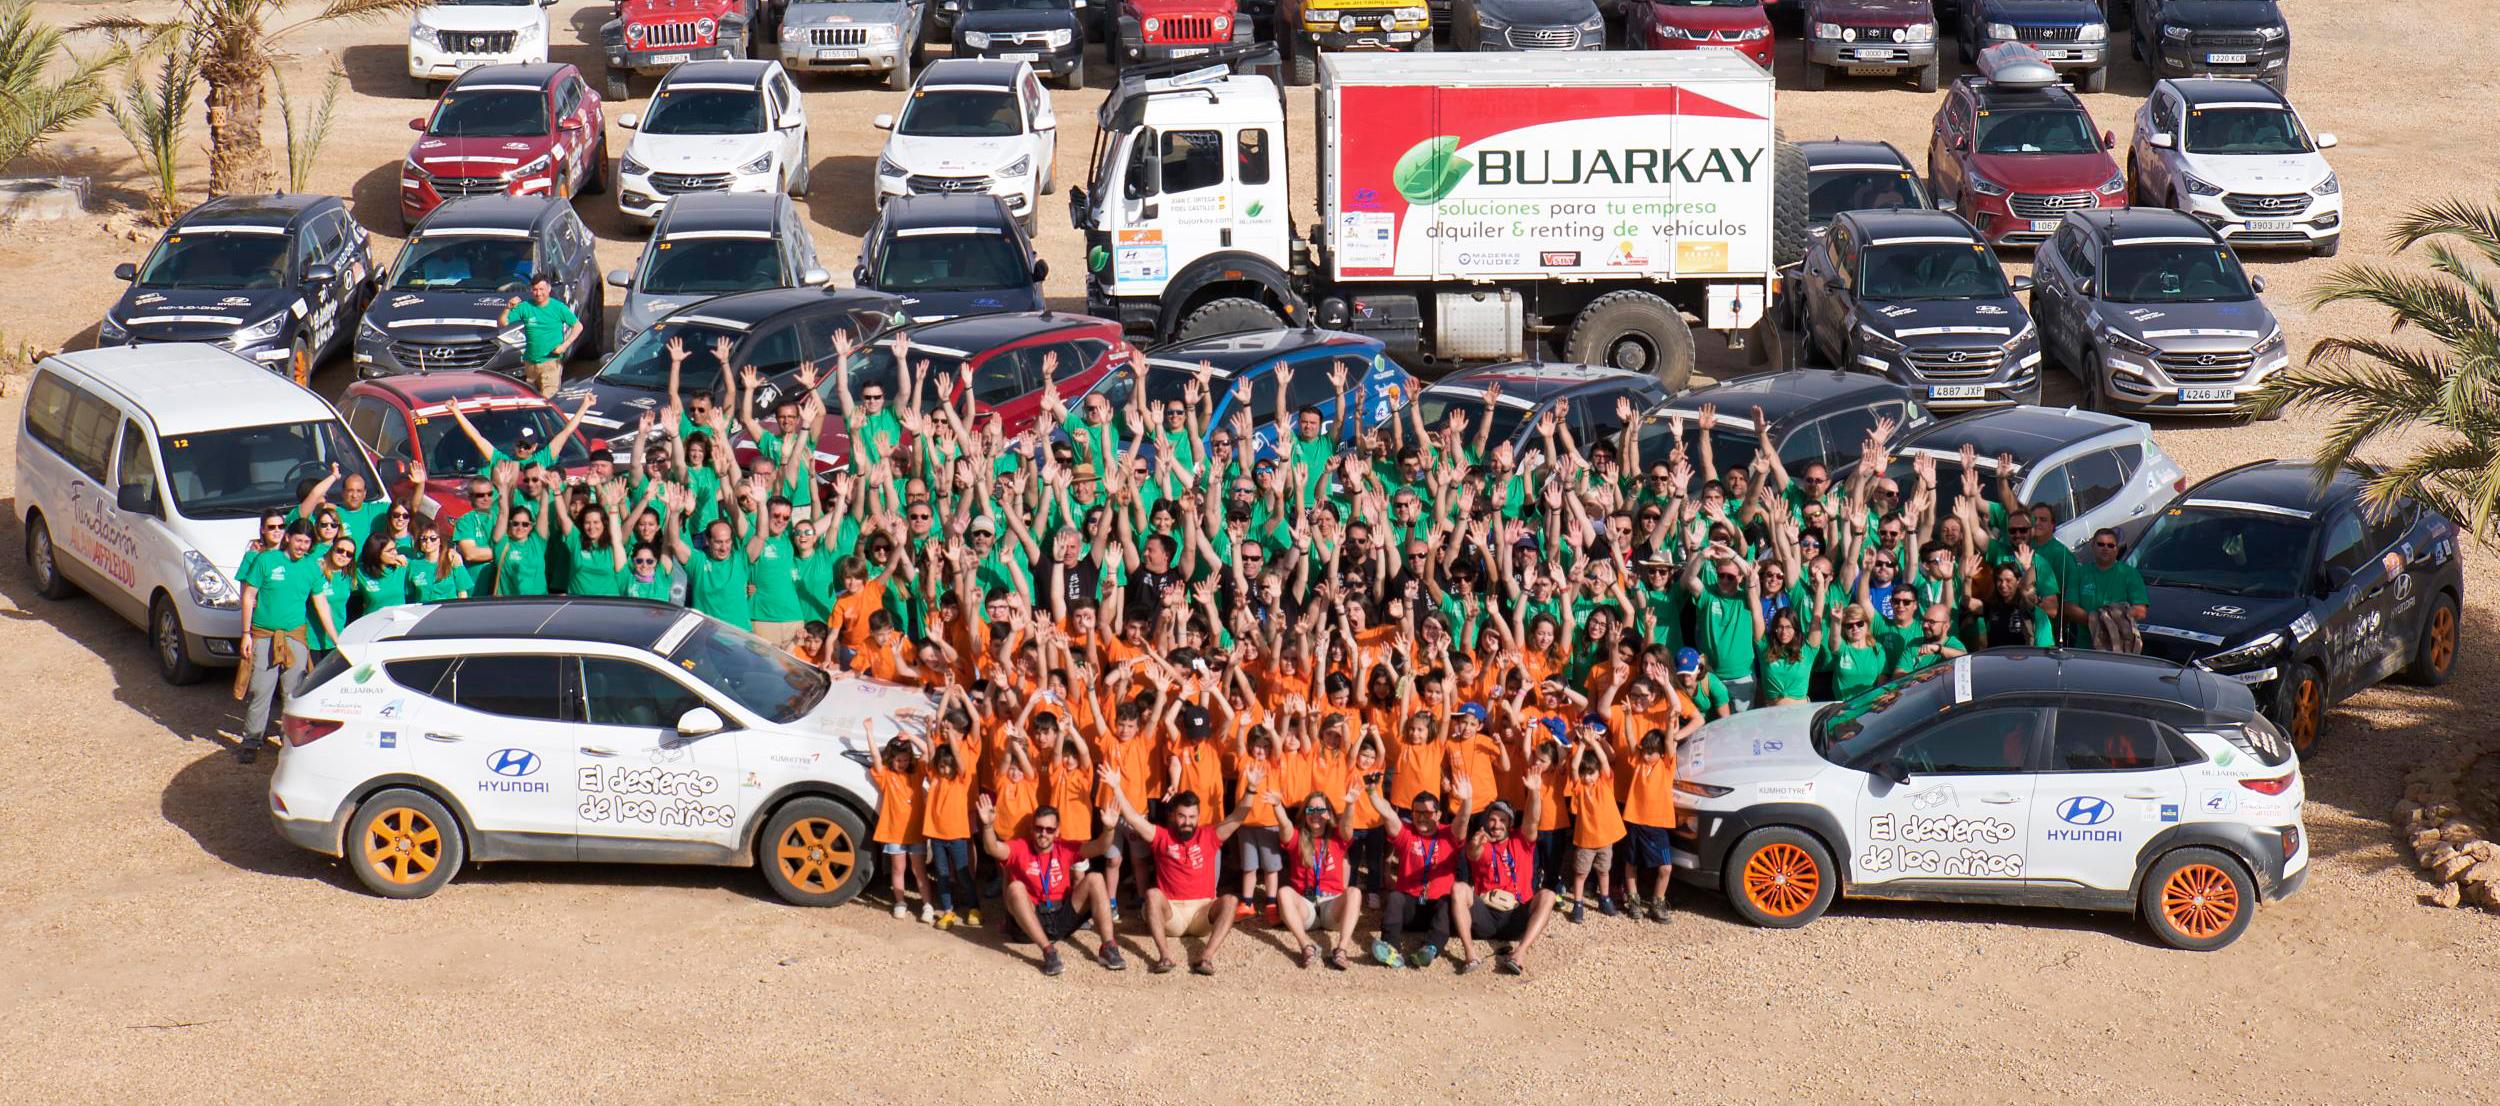 Acción Solidaria Hyundai: El Desierto de los niños